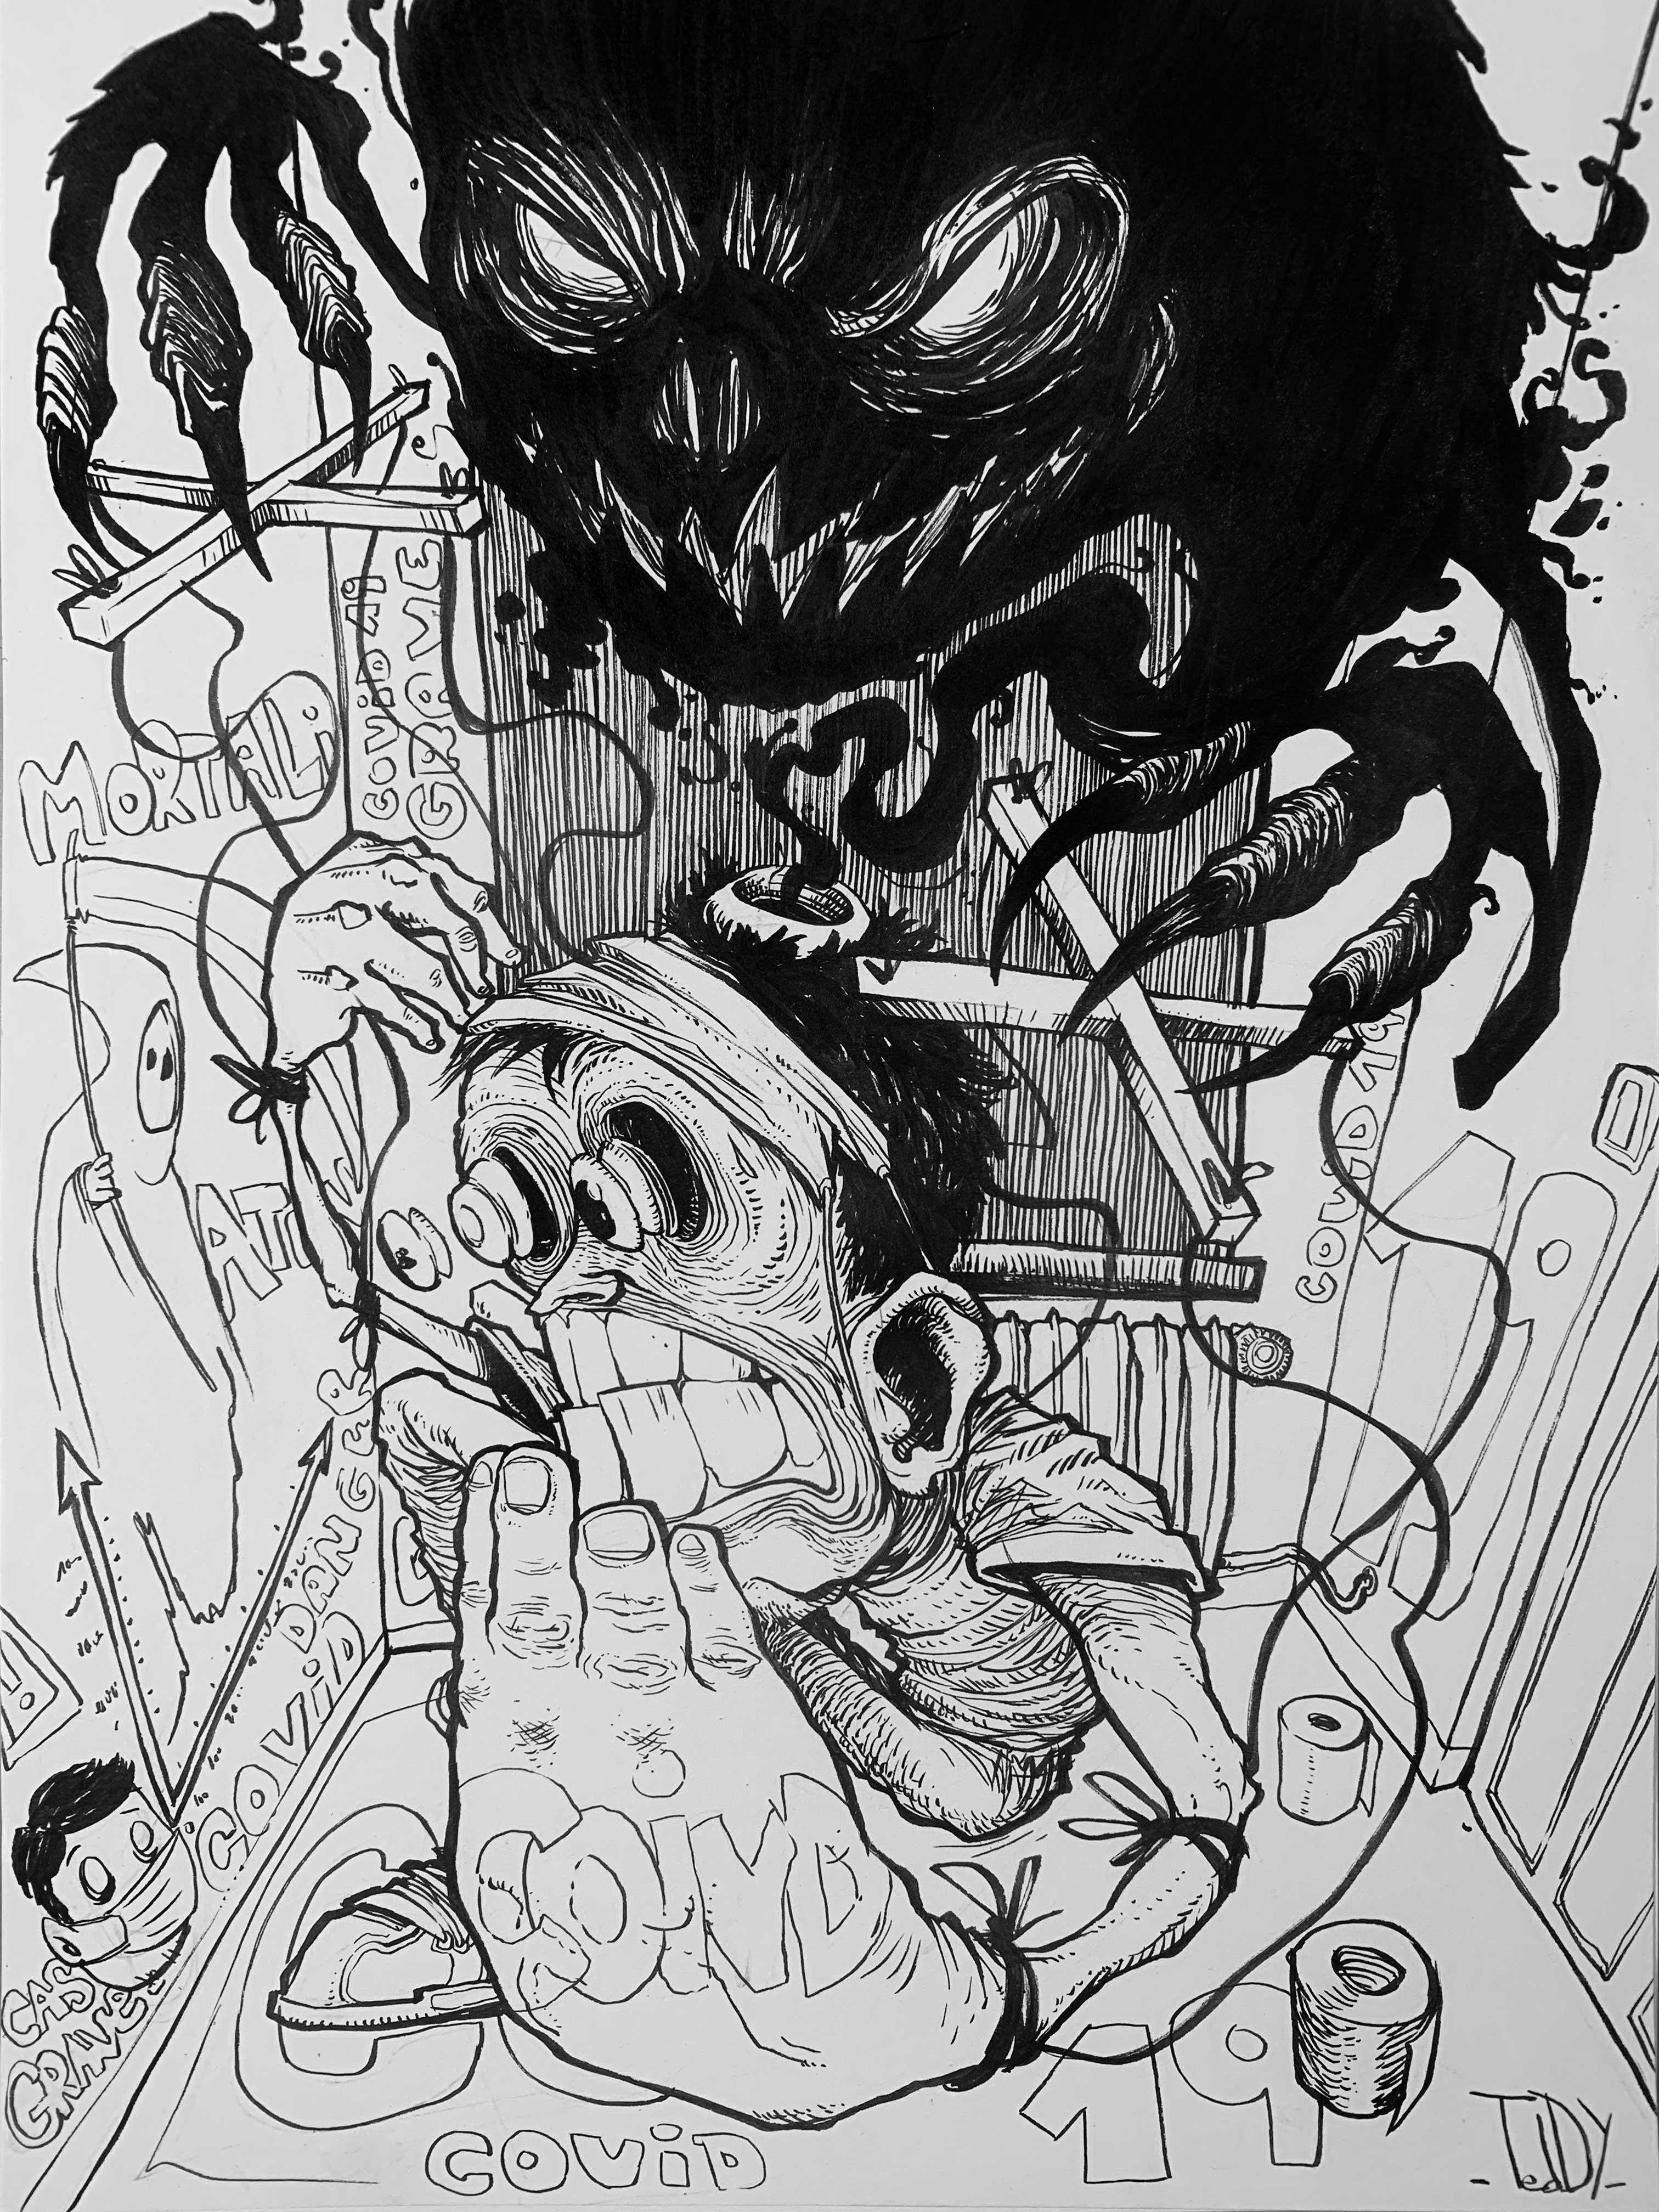 covid-19 2020 stylo noir sur papier 29,7x21 cm par Teddy ros dessin stylo noir blackpen covid 19 caricature